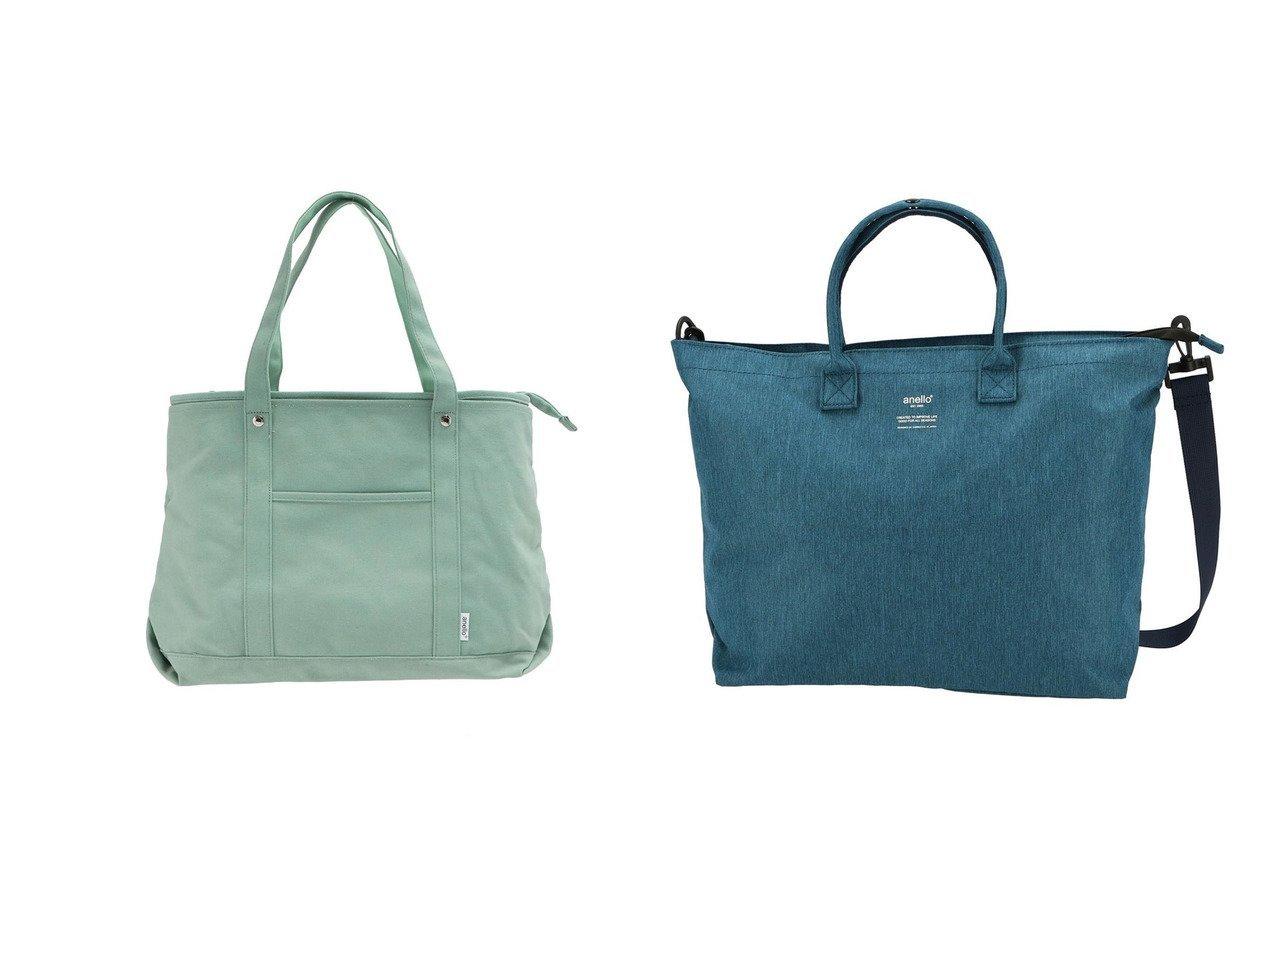 【anello/アネロ】のanello アネロ hanpu トートバッグ AT-S0443&anello アネロ リップストップ 杢調ポリ 4WAYトート AT-C3071 バッグ・鞄のおすすめ!人気、トレンド・レディースファッションの通販 おすすめで人気の流行・トレンド、ファッションの通販商品 メンズファッション・キッズファッション・インテリア・家具・レディースファッション・服の通販 founy(ファニー) https://founy.com/ ファッション Fashion レディースファッション WOMEN バッグ Bag カメラ キャンバス シンプル ポケット メンズ ショルダー ベーシック ポーチ 無地 リップ |ID:crp329100000015361